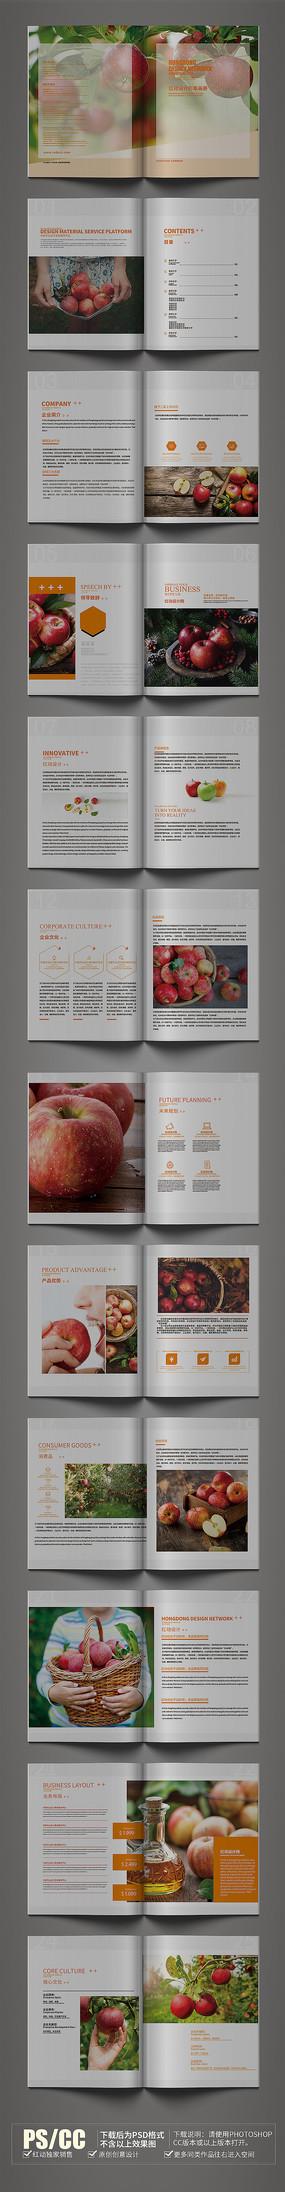 原创简约苹果画册设计